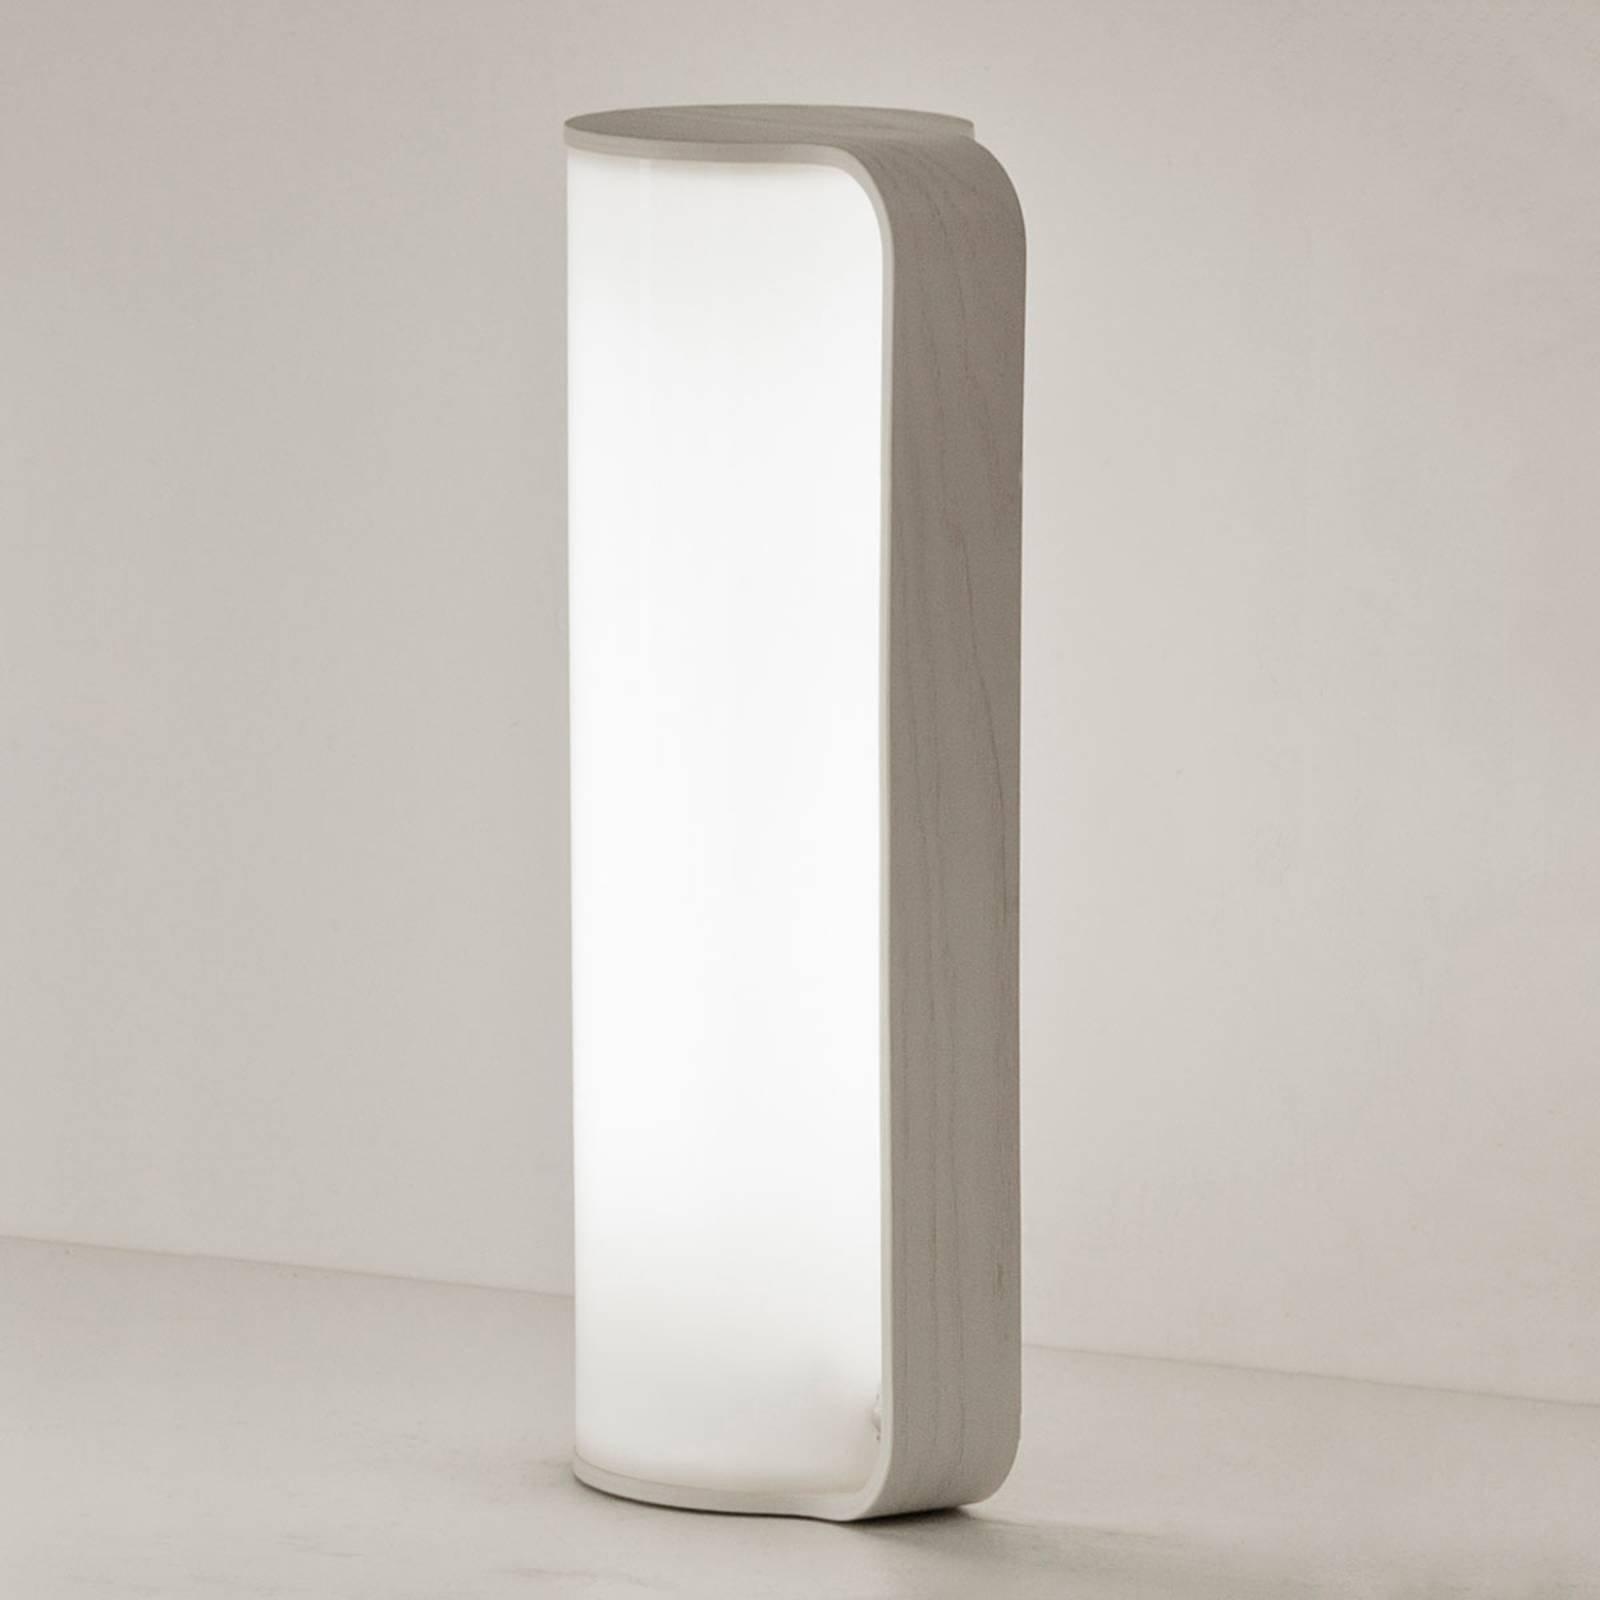 Innolux Tubo LED-terapilampe, dimbar, hvit